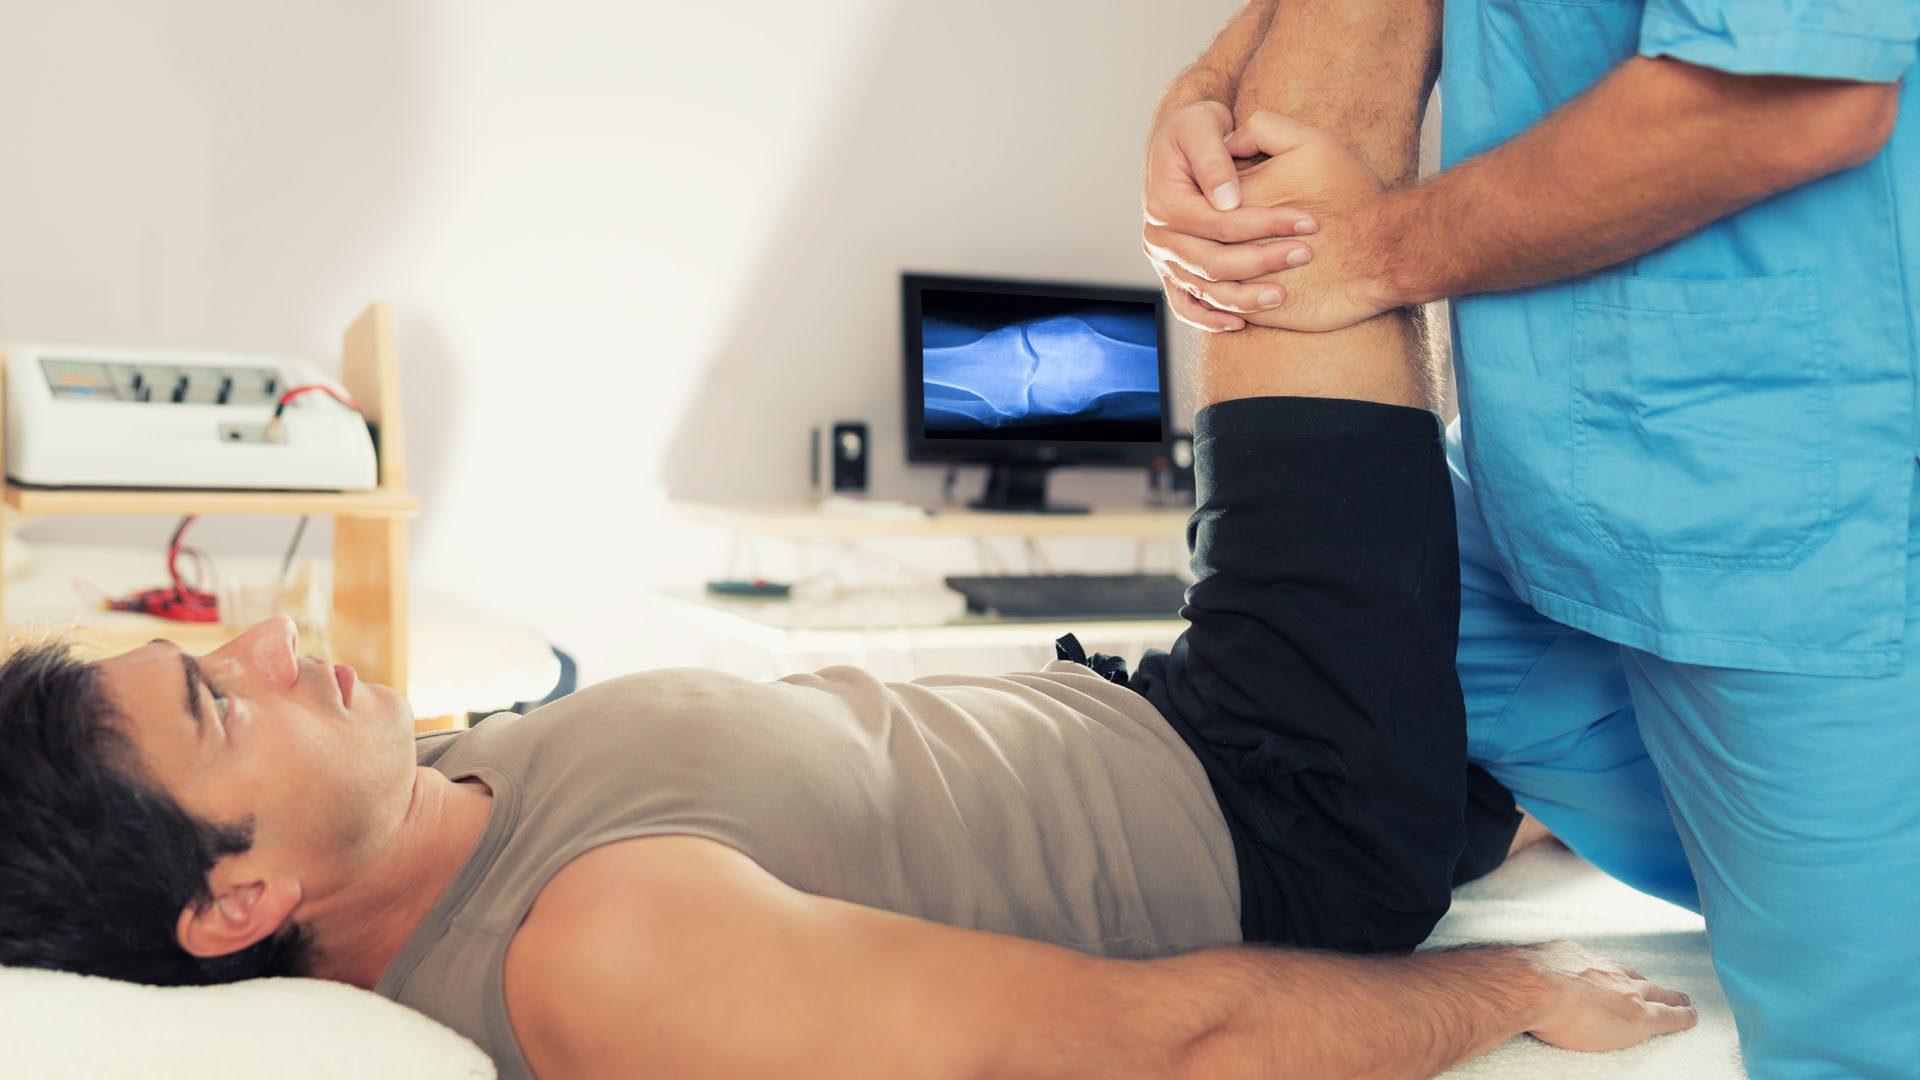 Lesiones personales atención quiropráctica el paso tx.